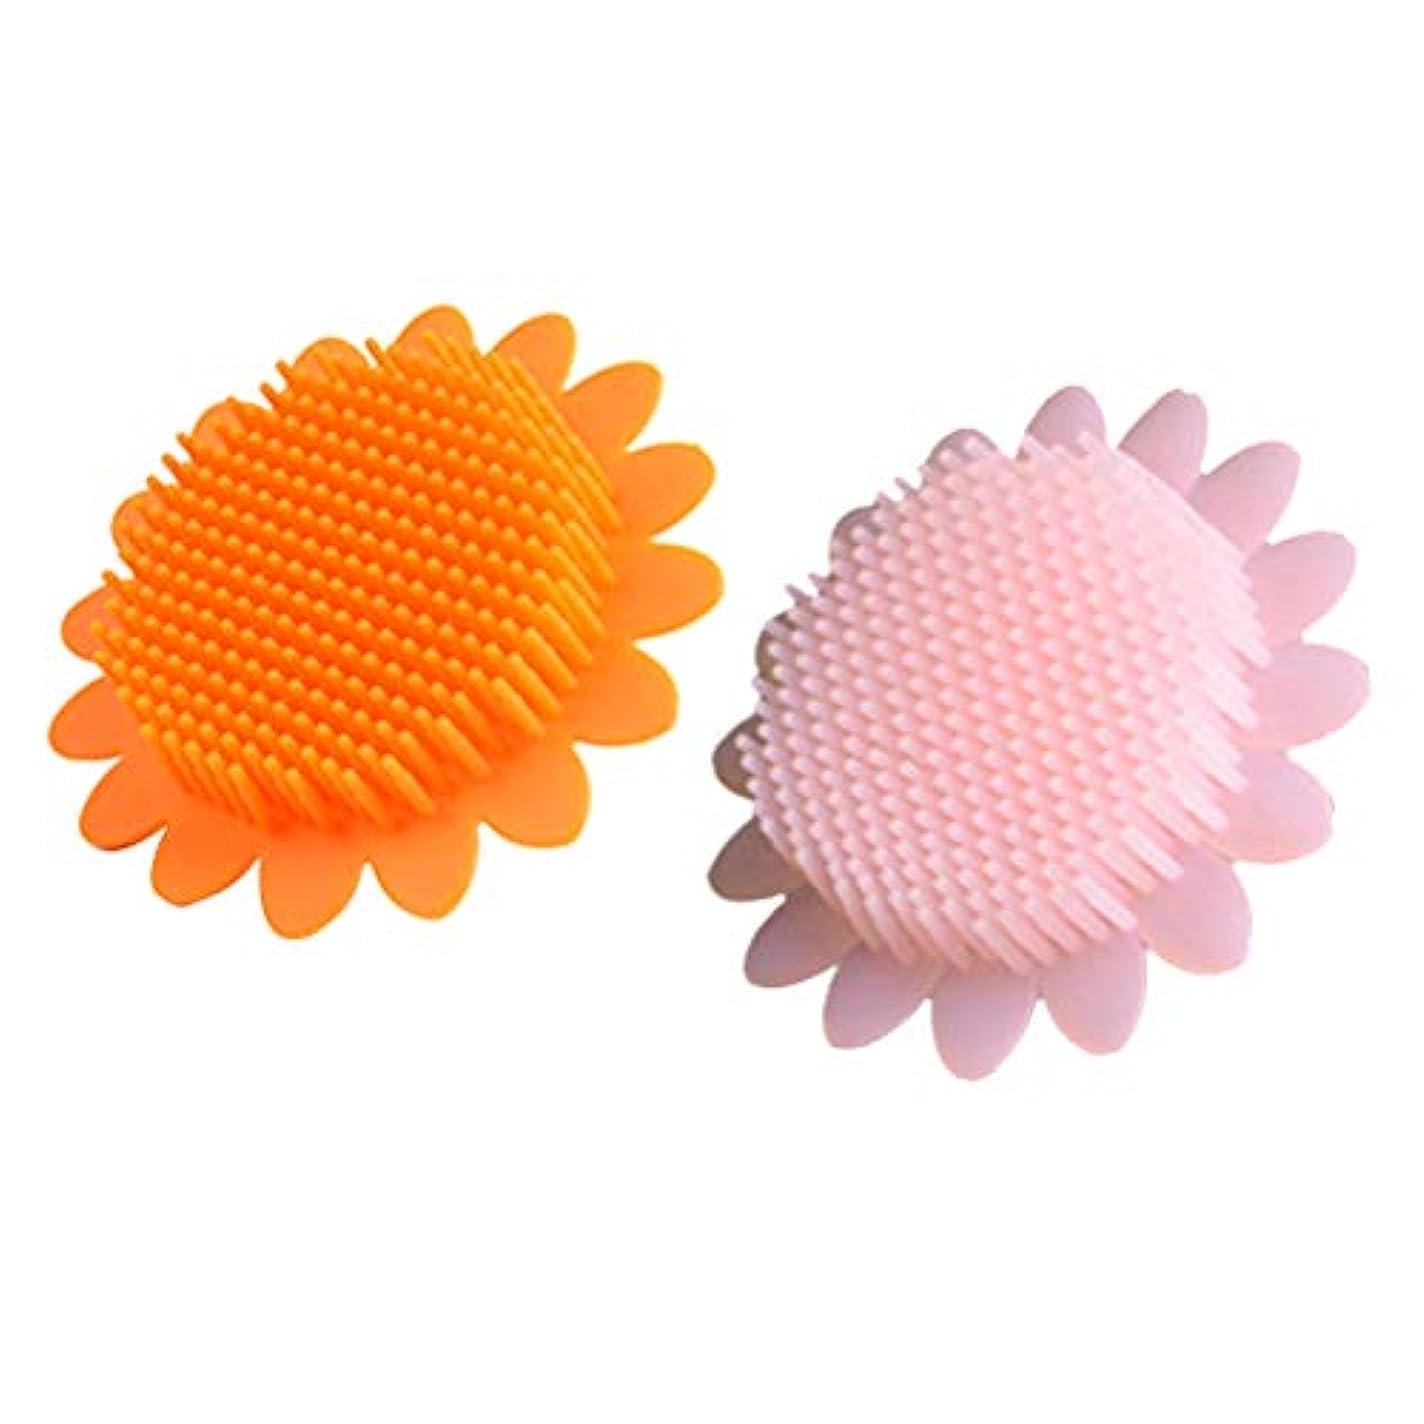 サミット年齢旋回Beaupretty 2本の赤ちゃん風呂ブラシシリコーンボディブラシ頭皮マッサージブラシ赤ちゃんのためのシャンプーブラシ(オレンジ+ピンク)